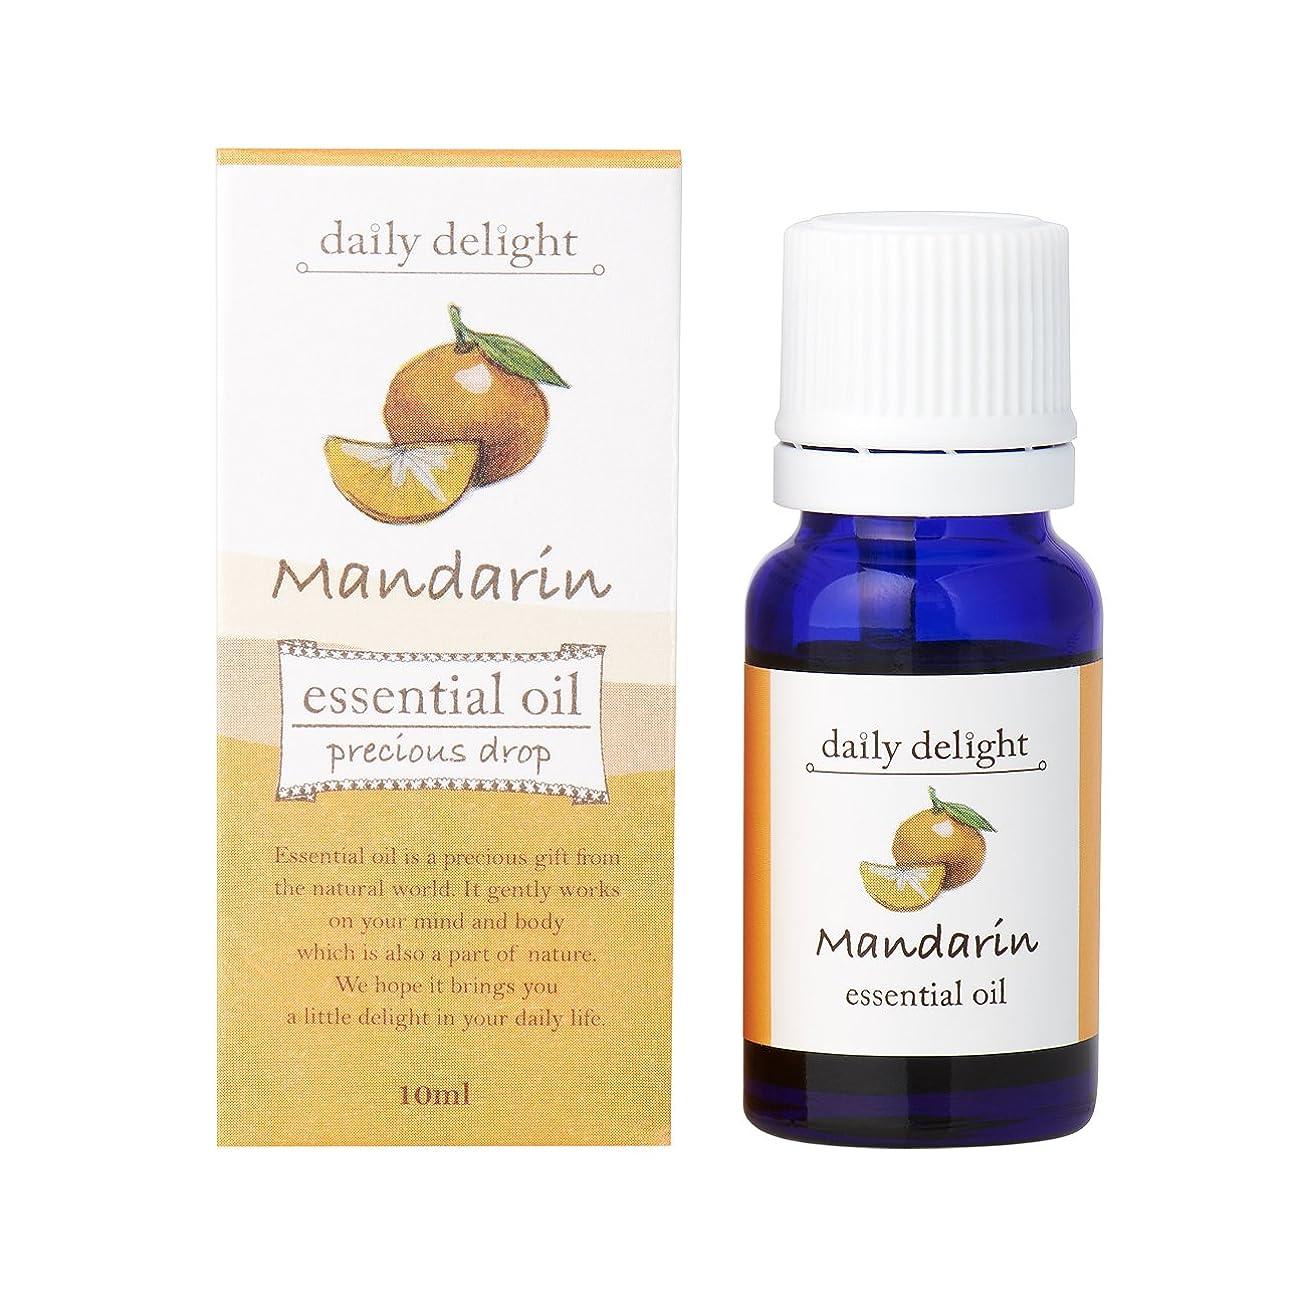 差し迫ったソート動機デイリーディライト エッセンシャルオイル  マンダリン 10ml(天然100% 精油 アロマ 柑橘系 オレンジに似ているがより穏やかで落ち着いた印象の香り)